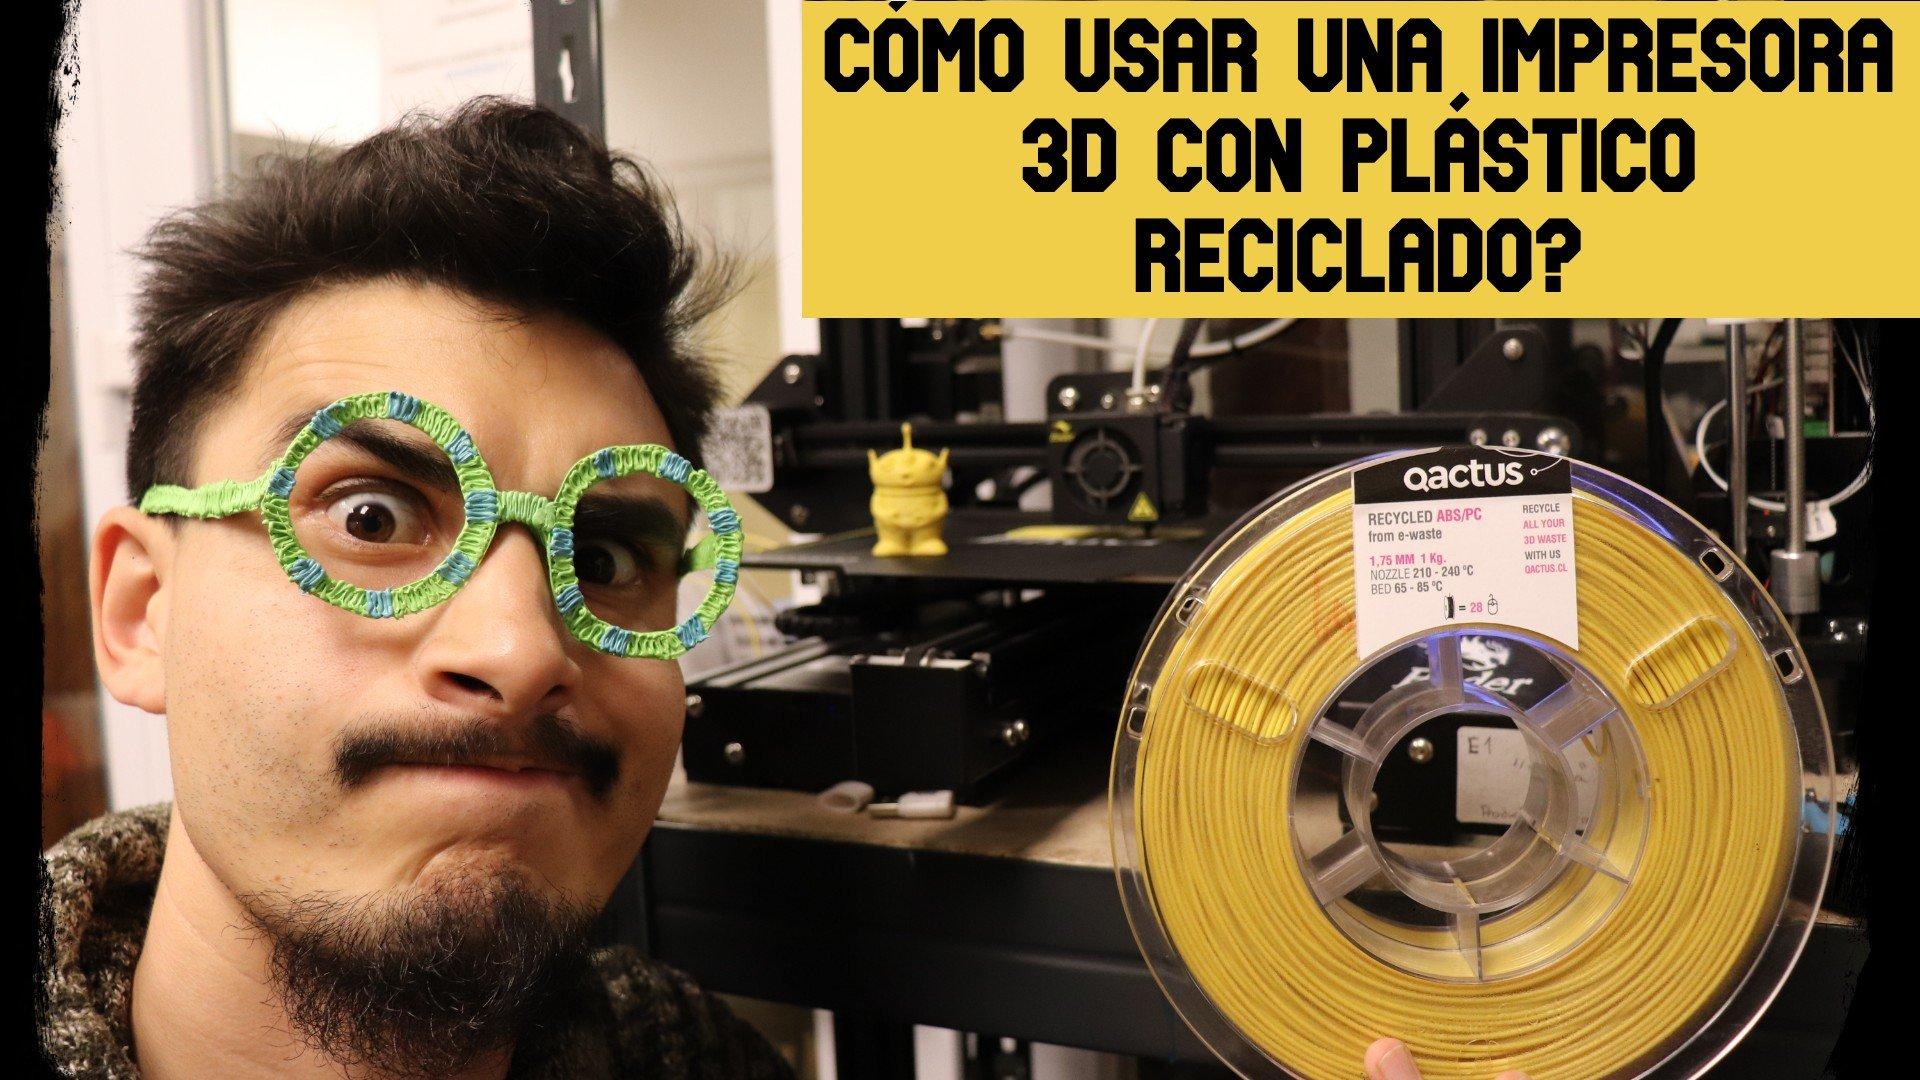 ¿Cómo usar una impresora 3D? - Tutorial Ender 3 con ABS Reciclado